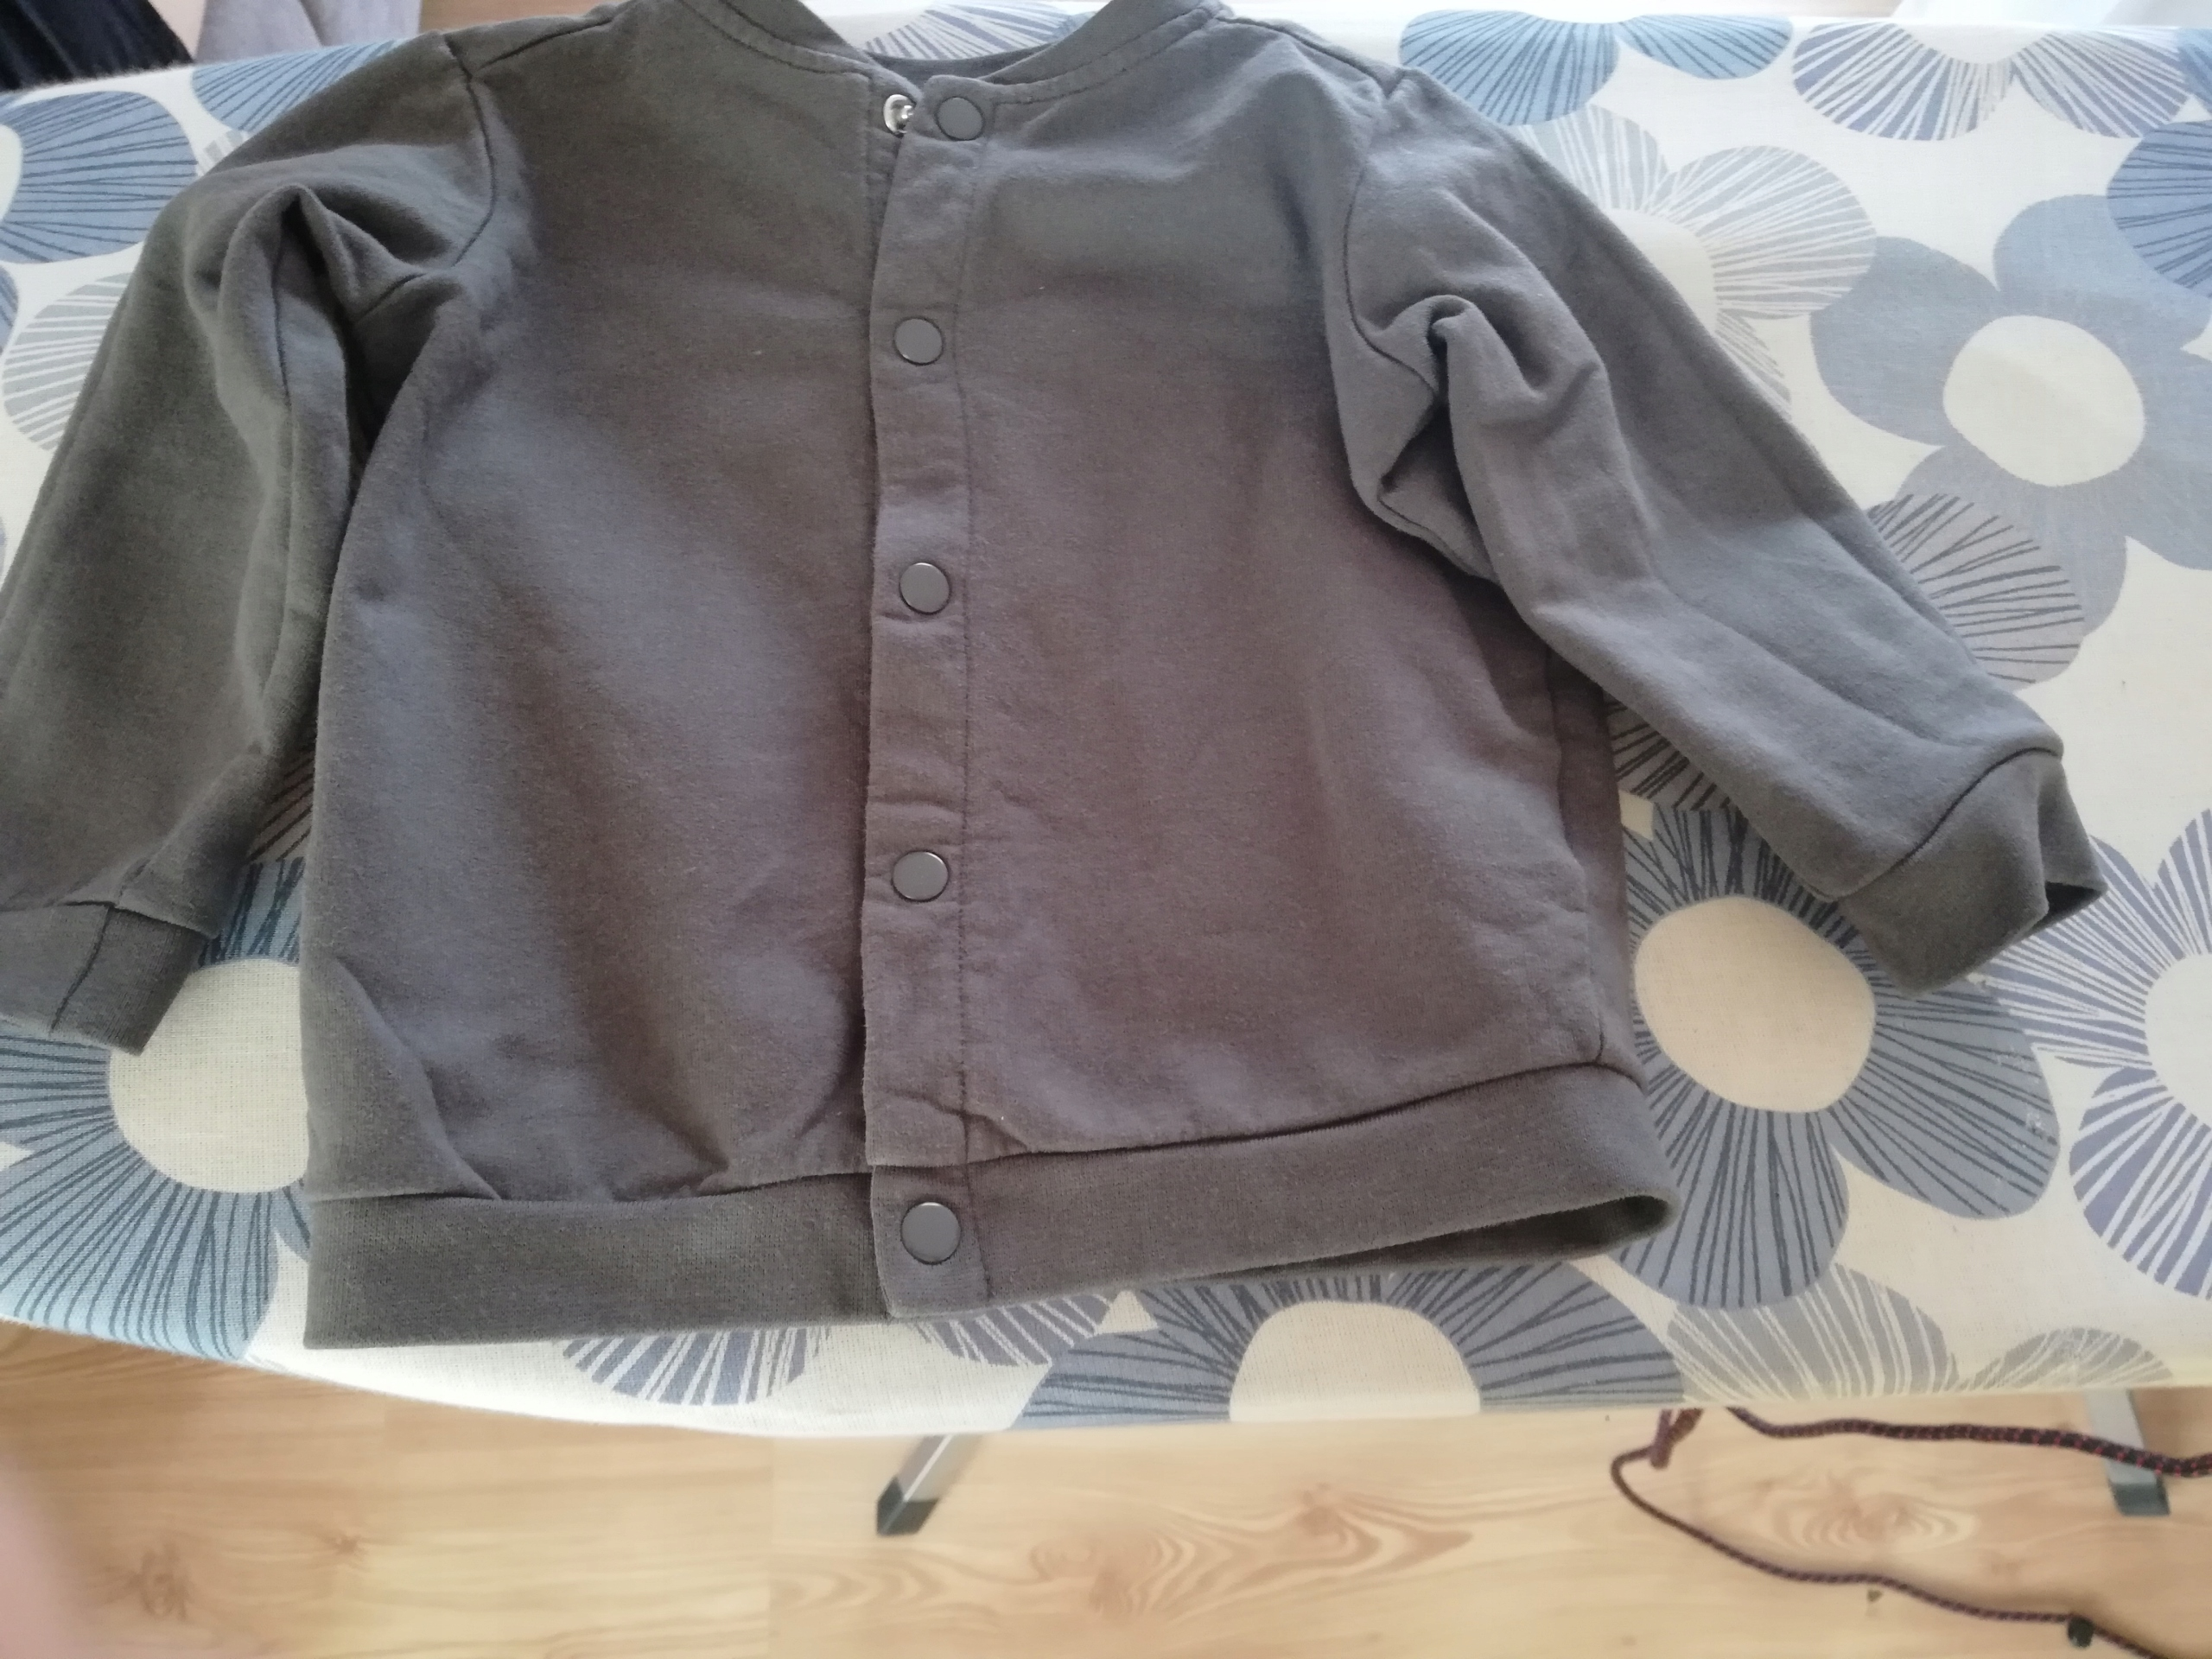 Bluza dla chłopca 80 h&m